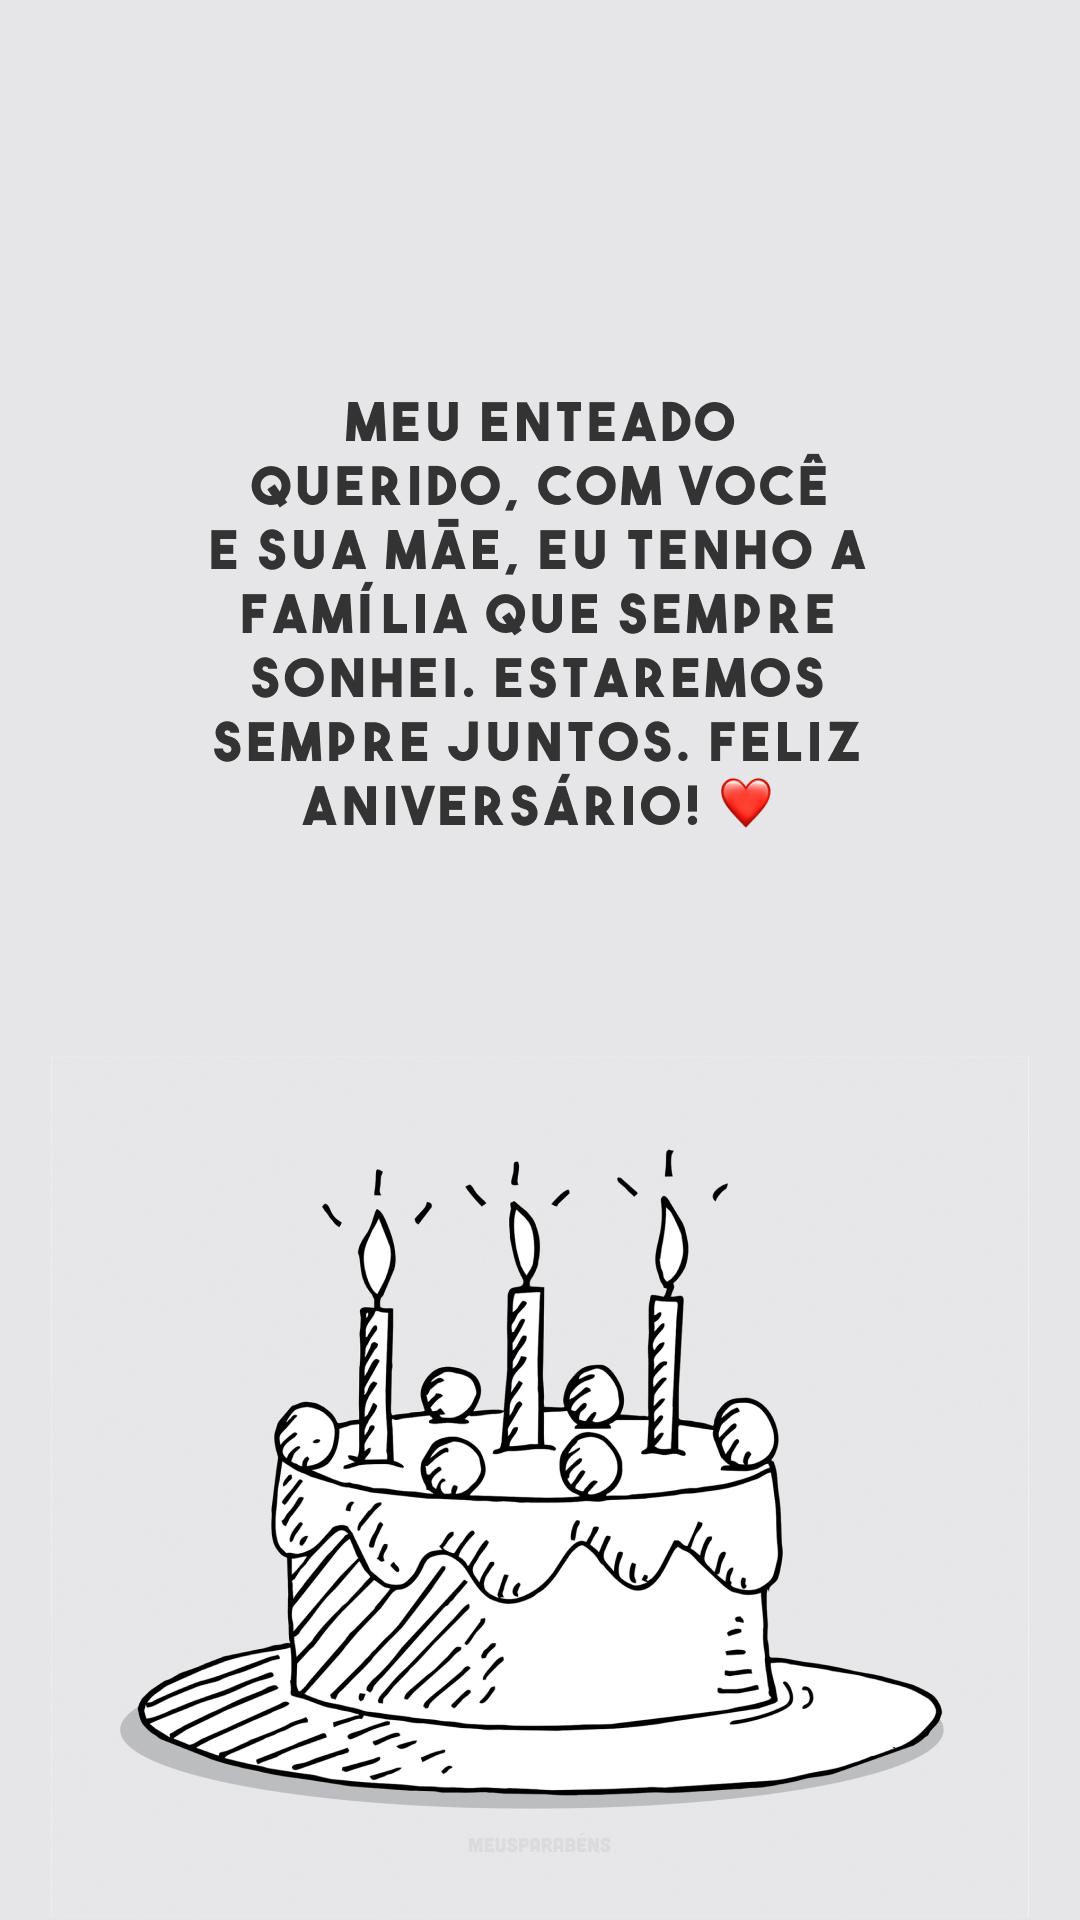 Meu enteado querido, com você e sua mãe, eu tenho a família que sempre sonhei. Estaremos sempre juntos. Feliz aniversário! ❤️